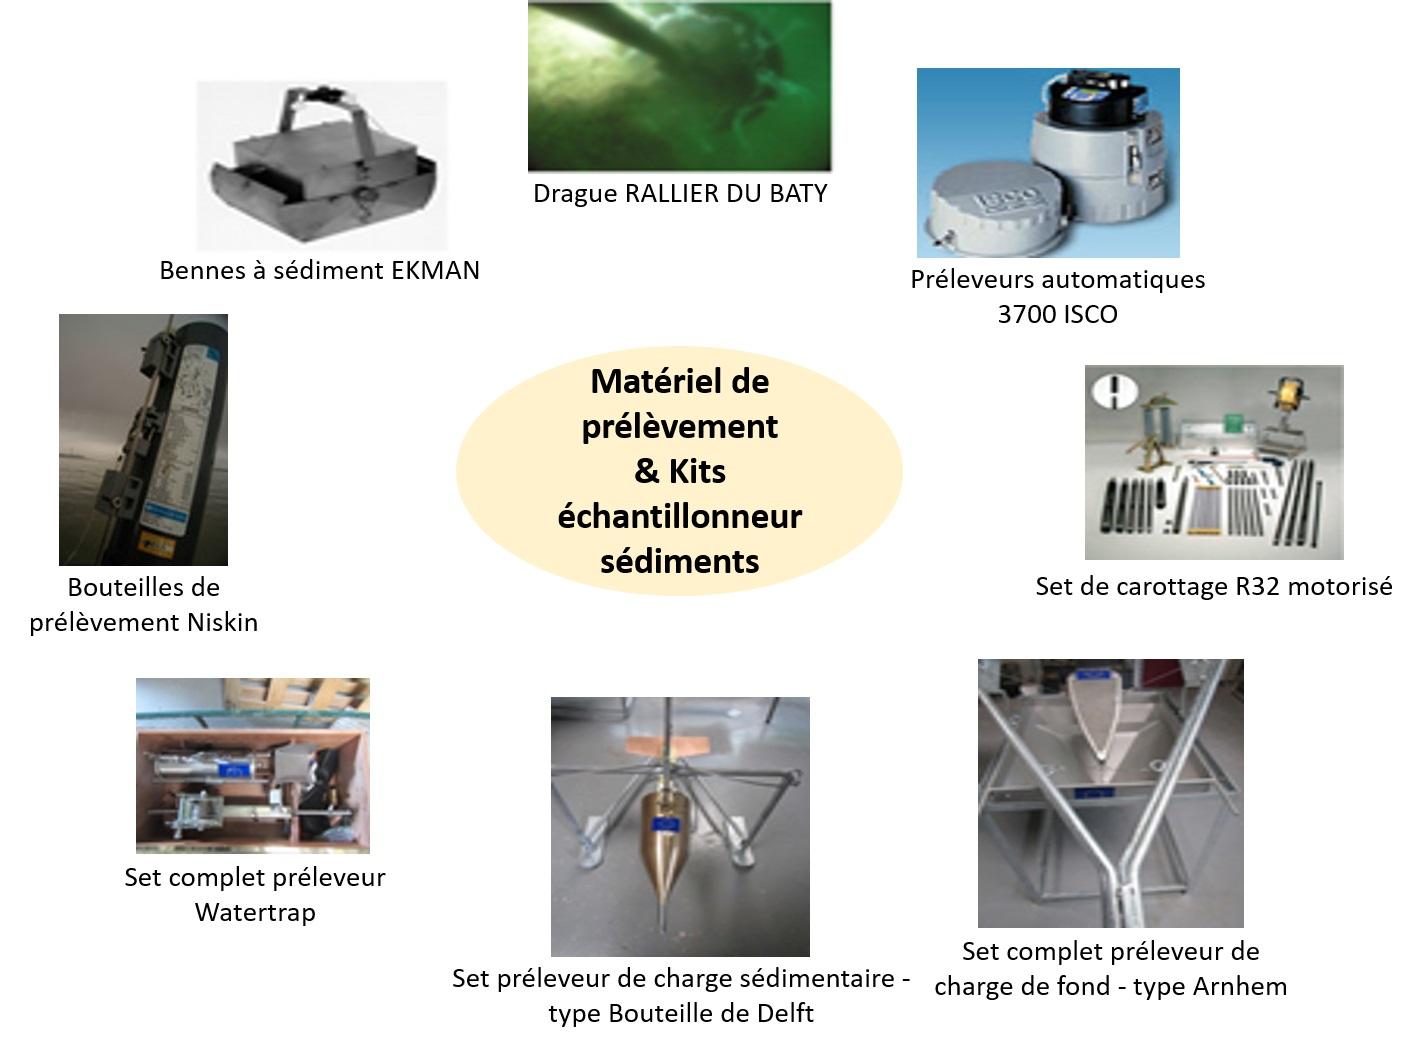 Matériel de prélèvements & Kits échantillonneur de sédiments